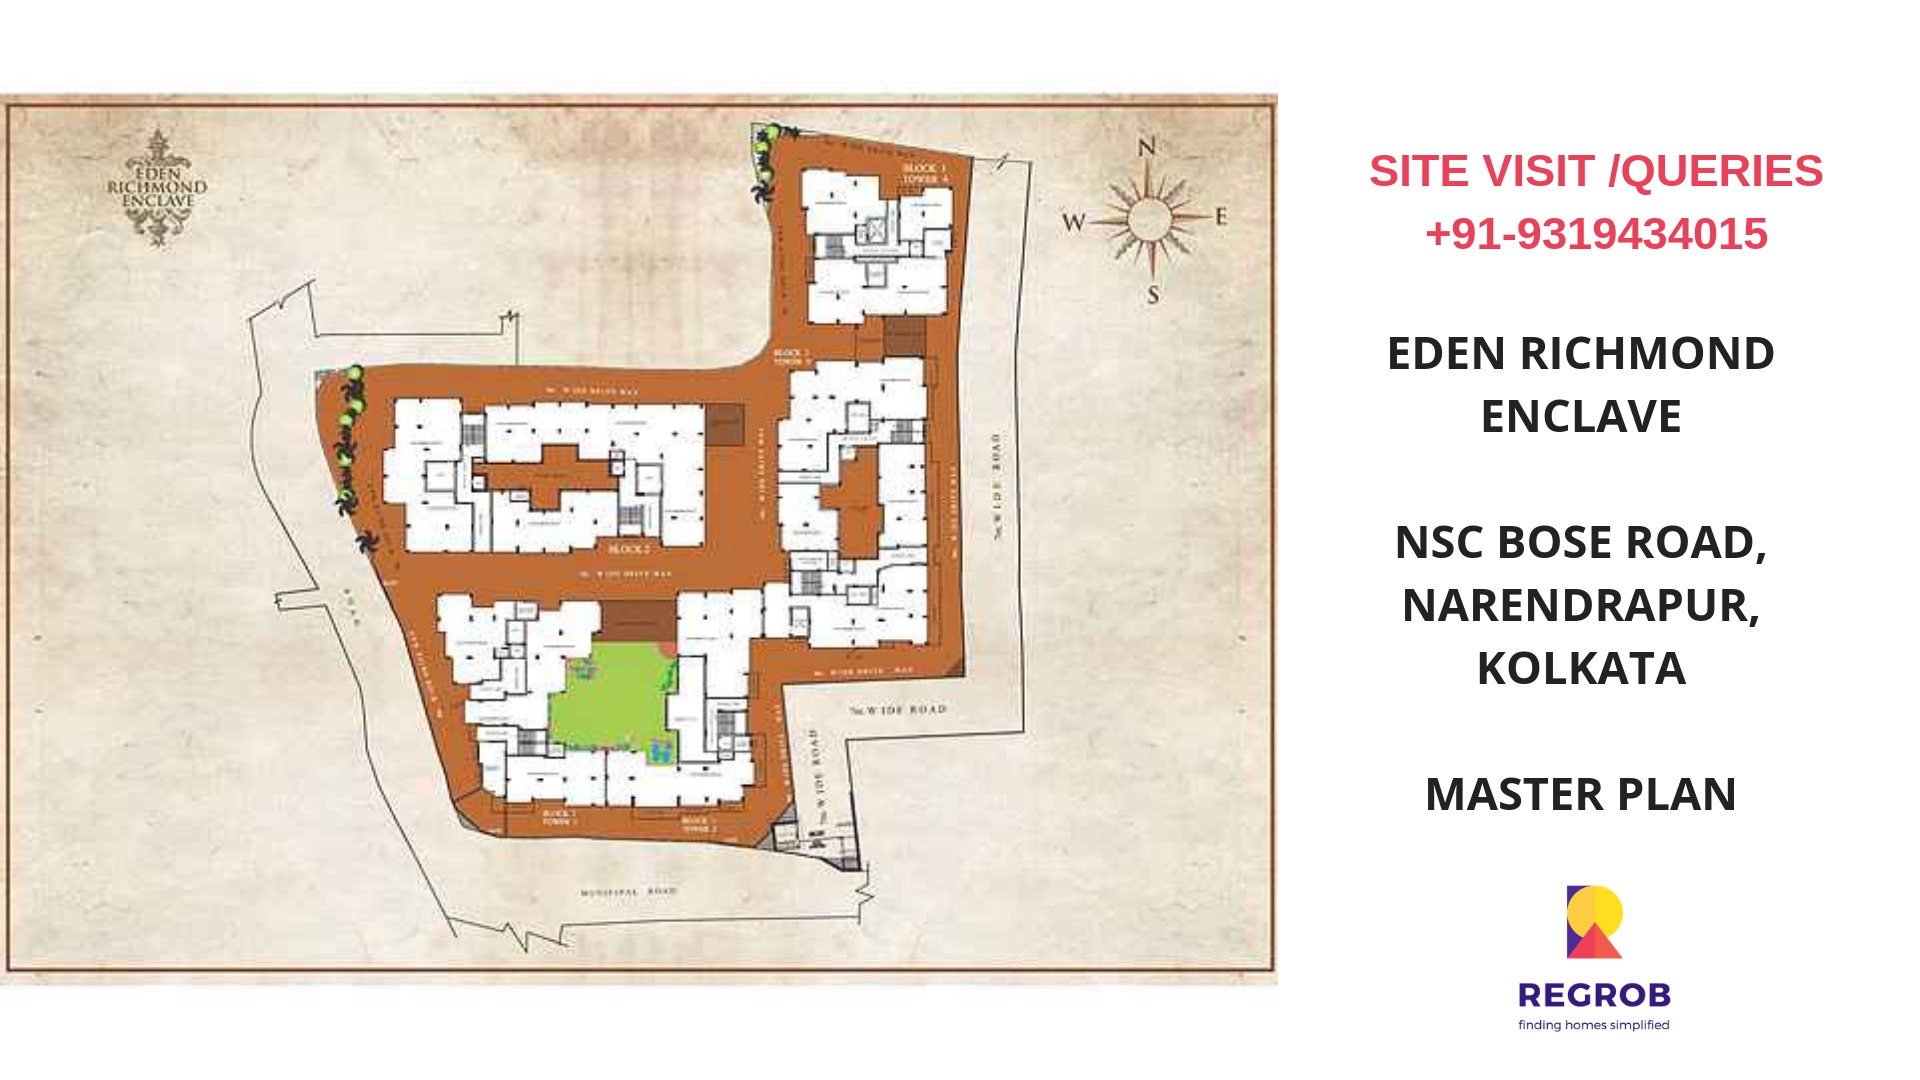 Eden Richmond Enclave